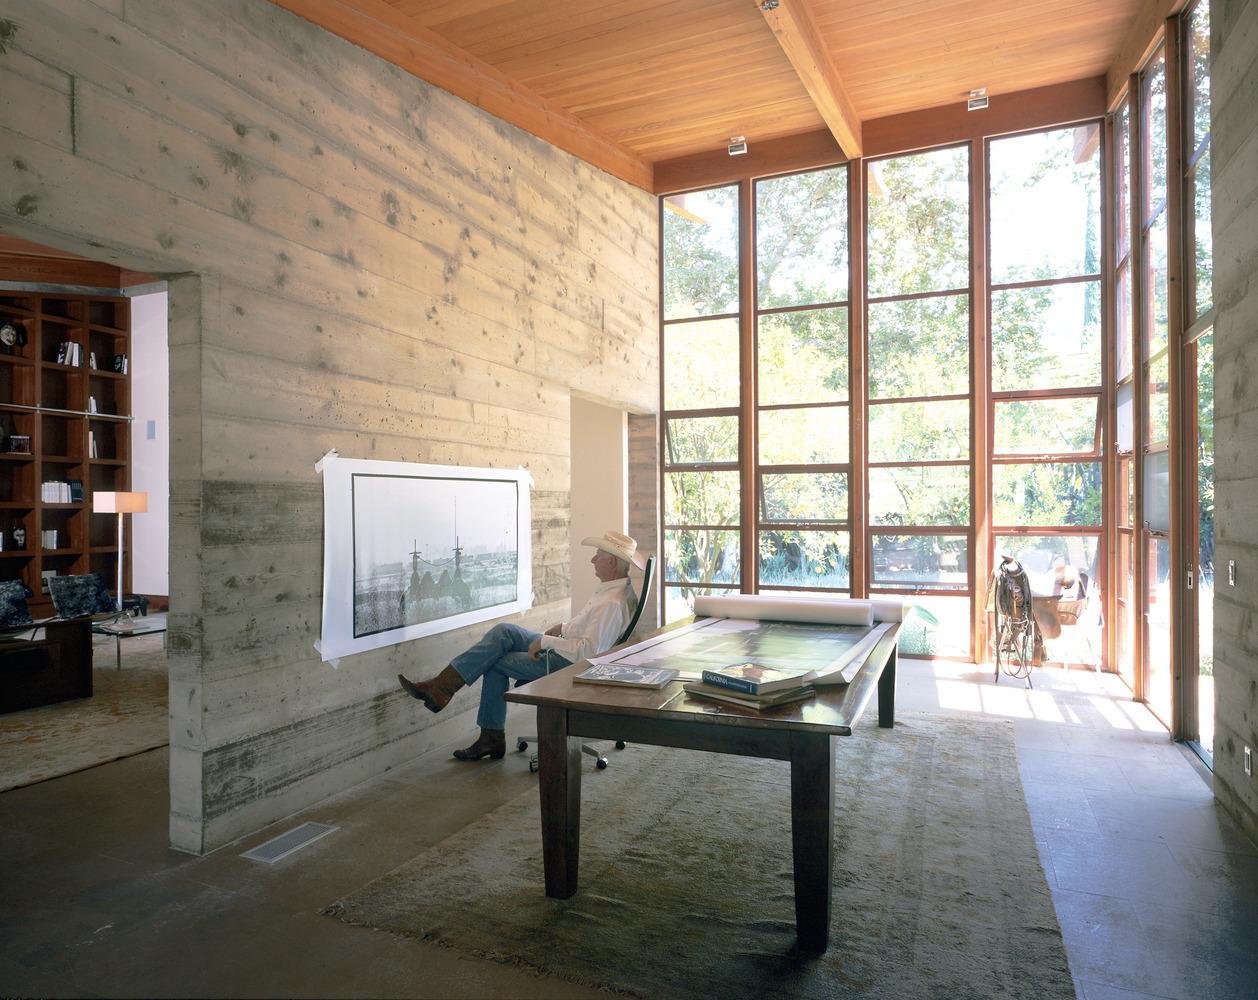 Sherman Residence / Peter Tolki - red_wolf | ello